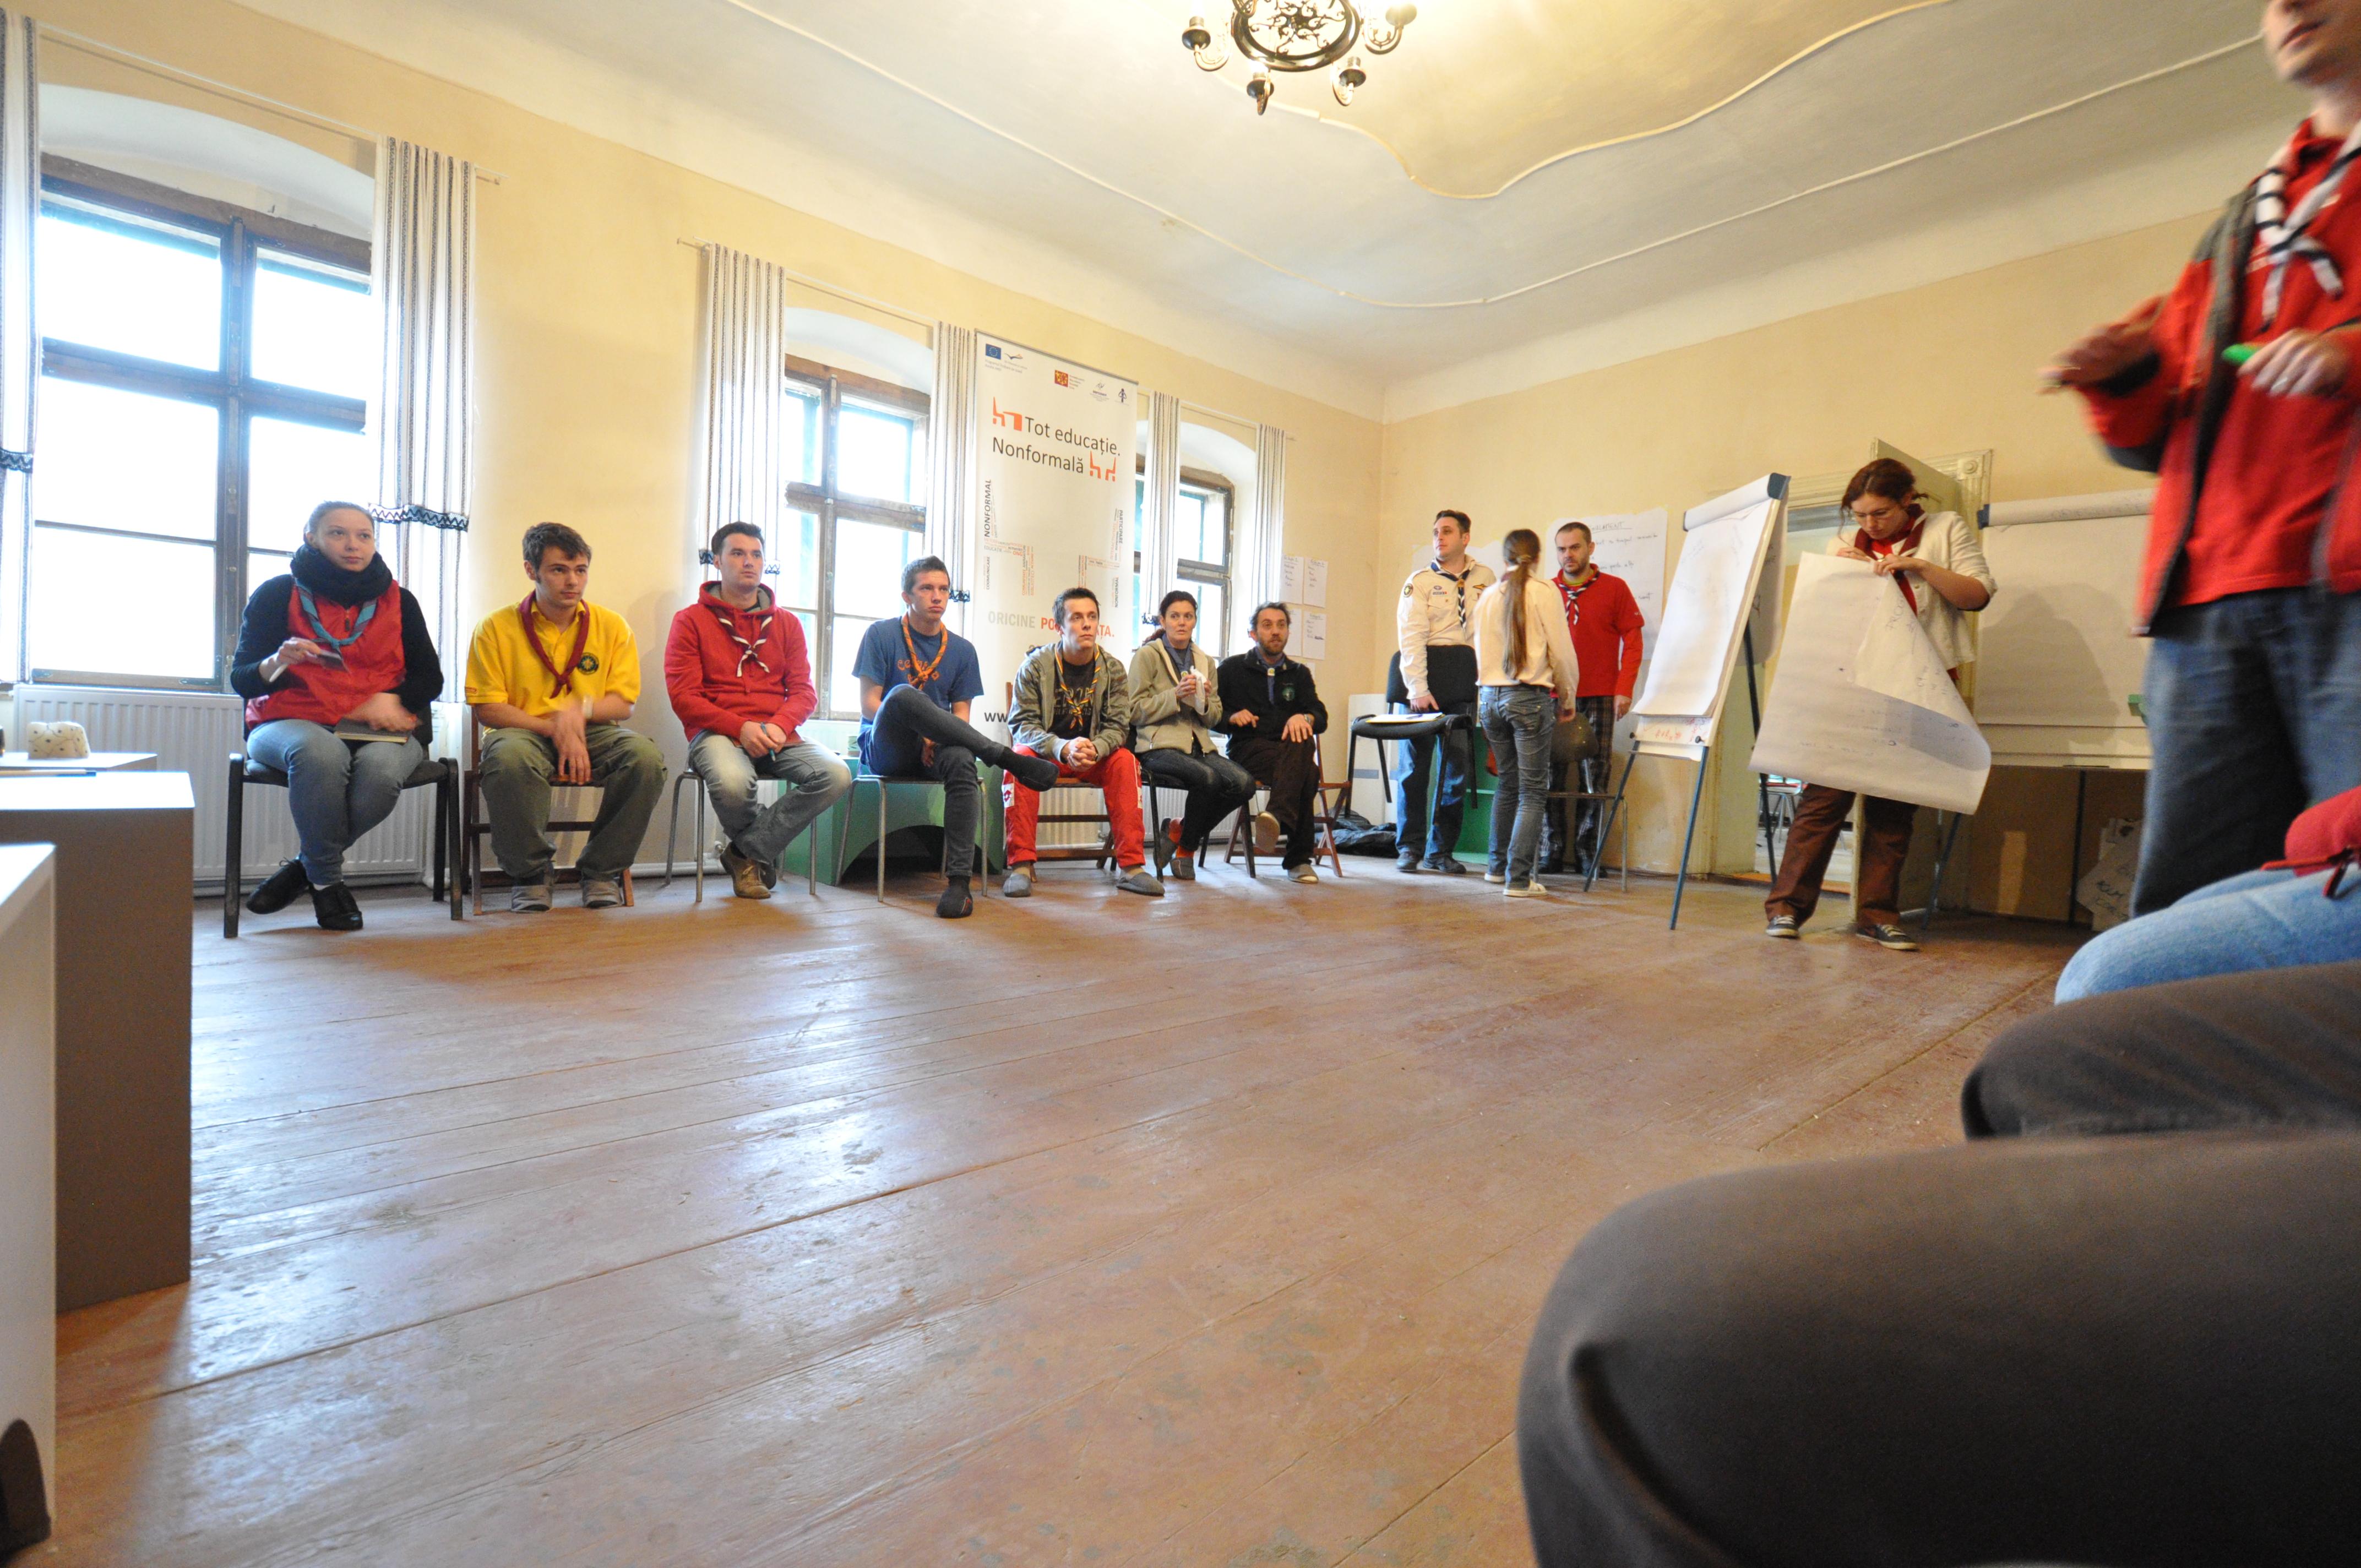 {:en}Grup in the activity room{:}{:ro}Grup in sala de activitati{:}